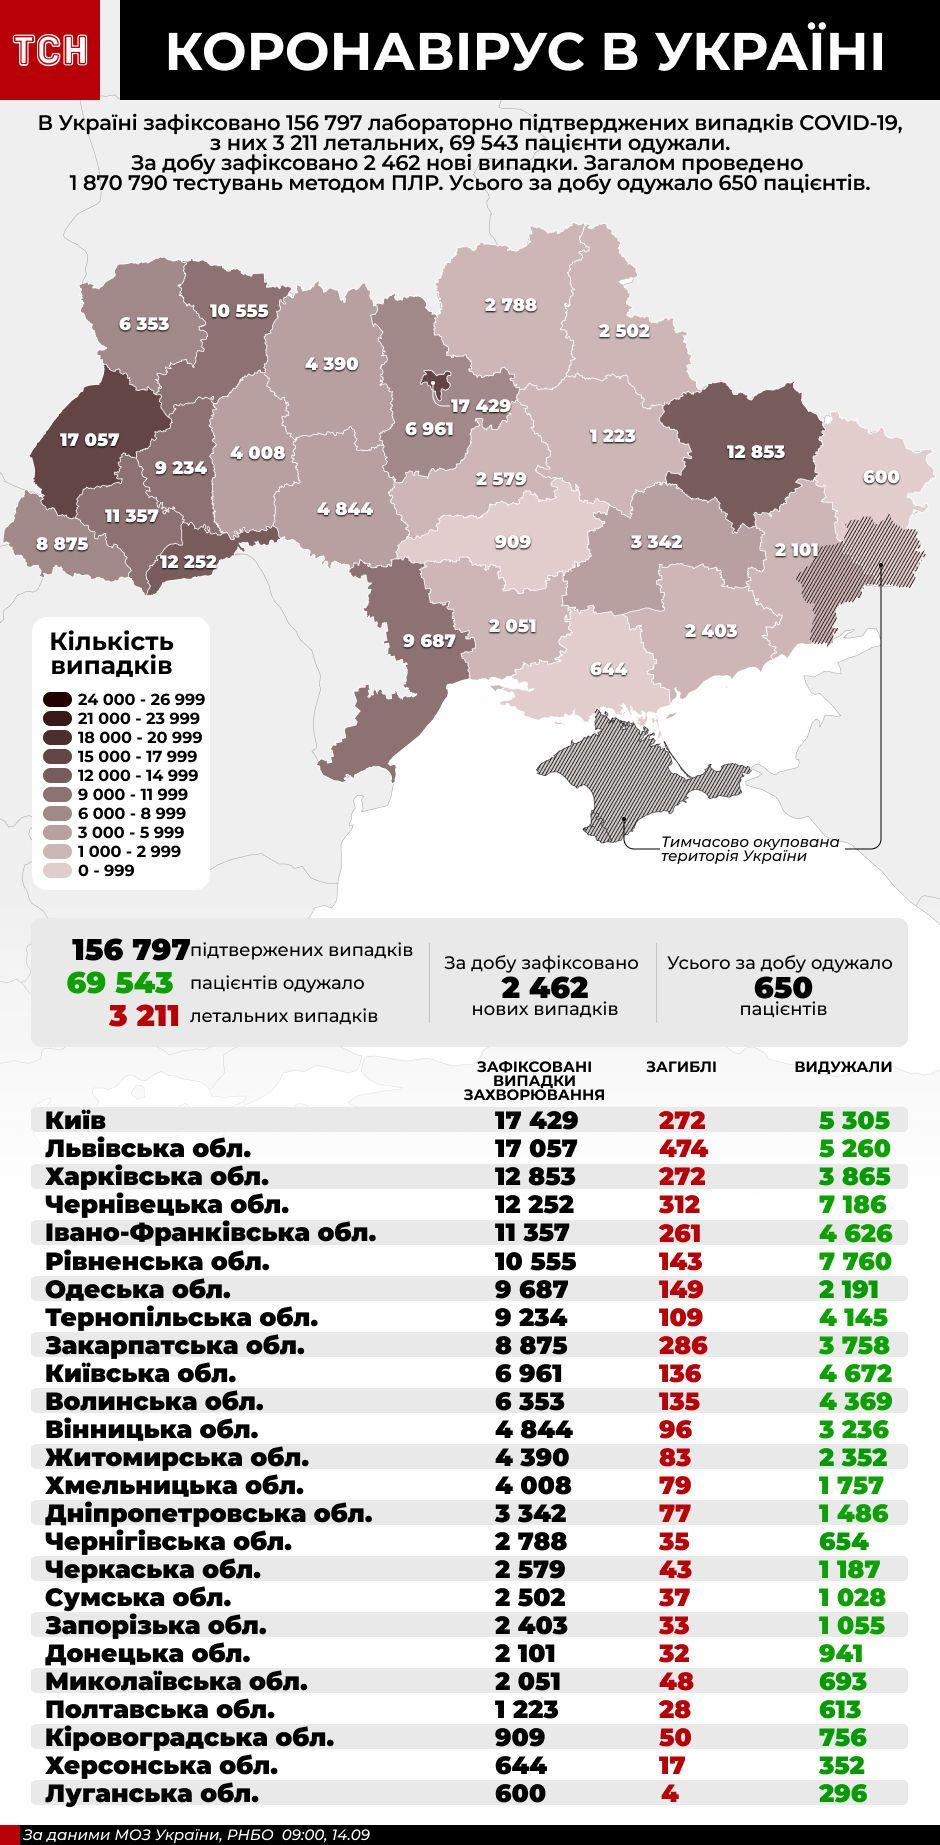 Коронавірус в Україні - інфографіка станом на 14 вересня